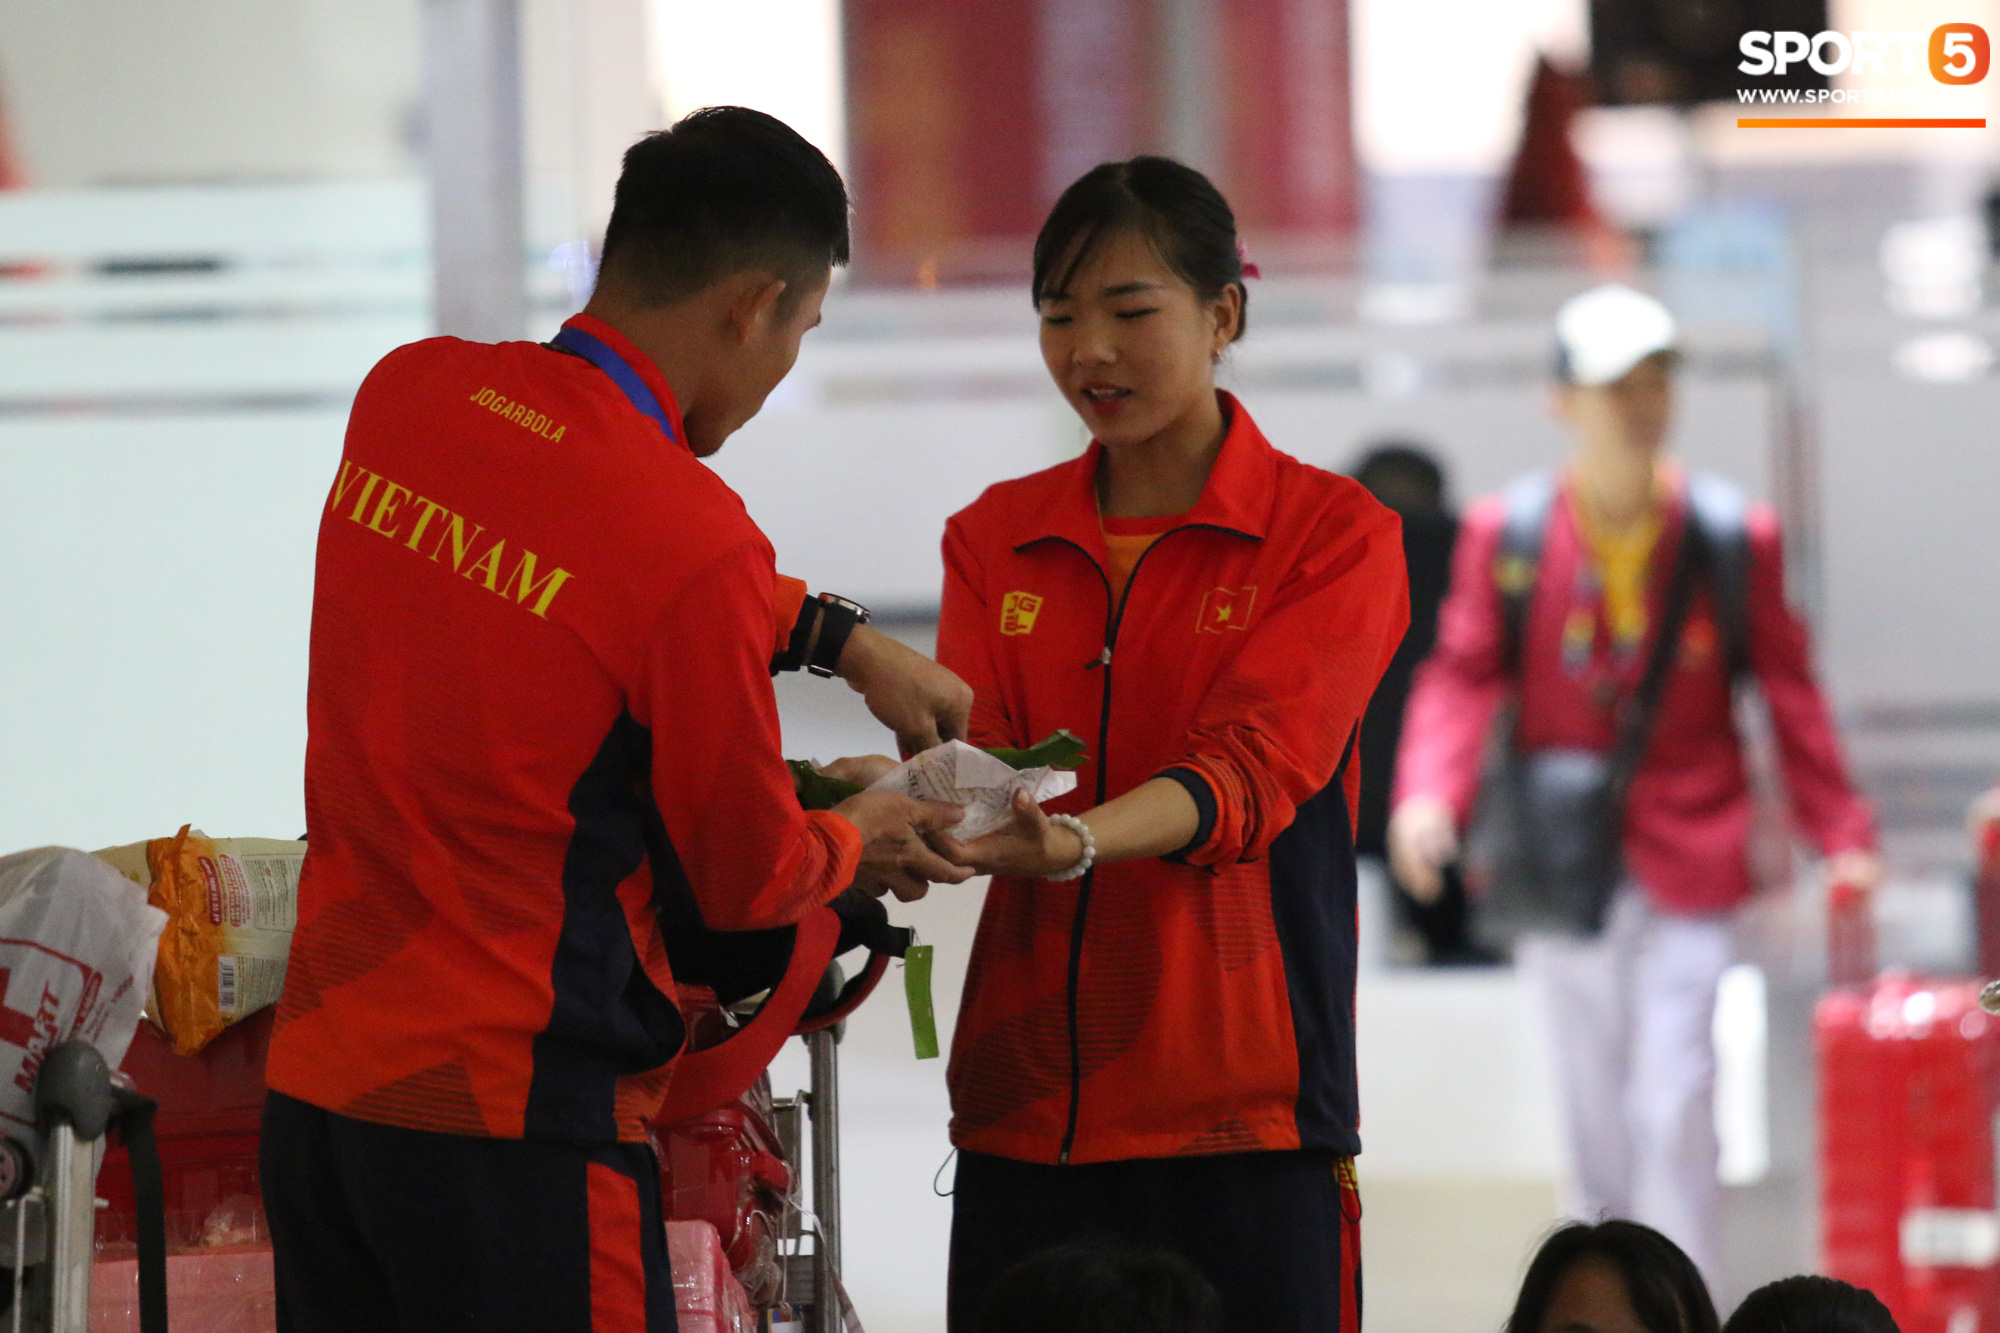 Xe buýt lại đến muộn, đoàn VĐV Việt Nam tranh thủ mở đồ ăn đánh chén ngay tại sân bay sau chuyến đi hú hồn - Ảnh 3.